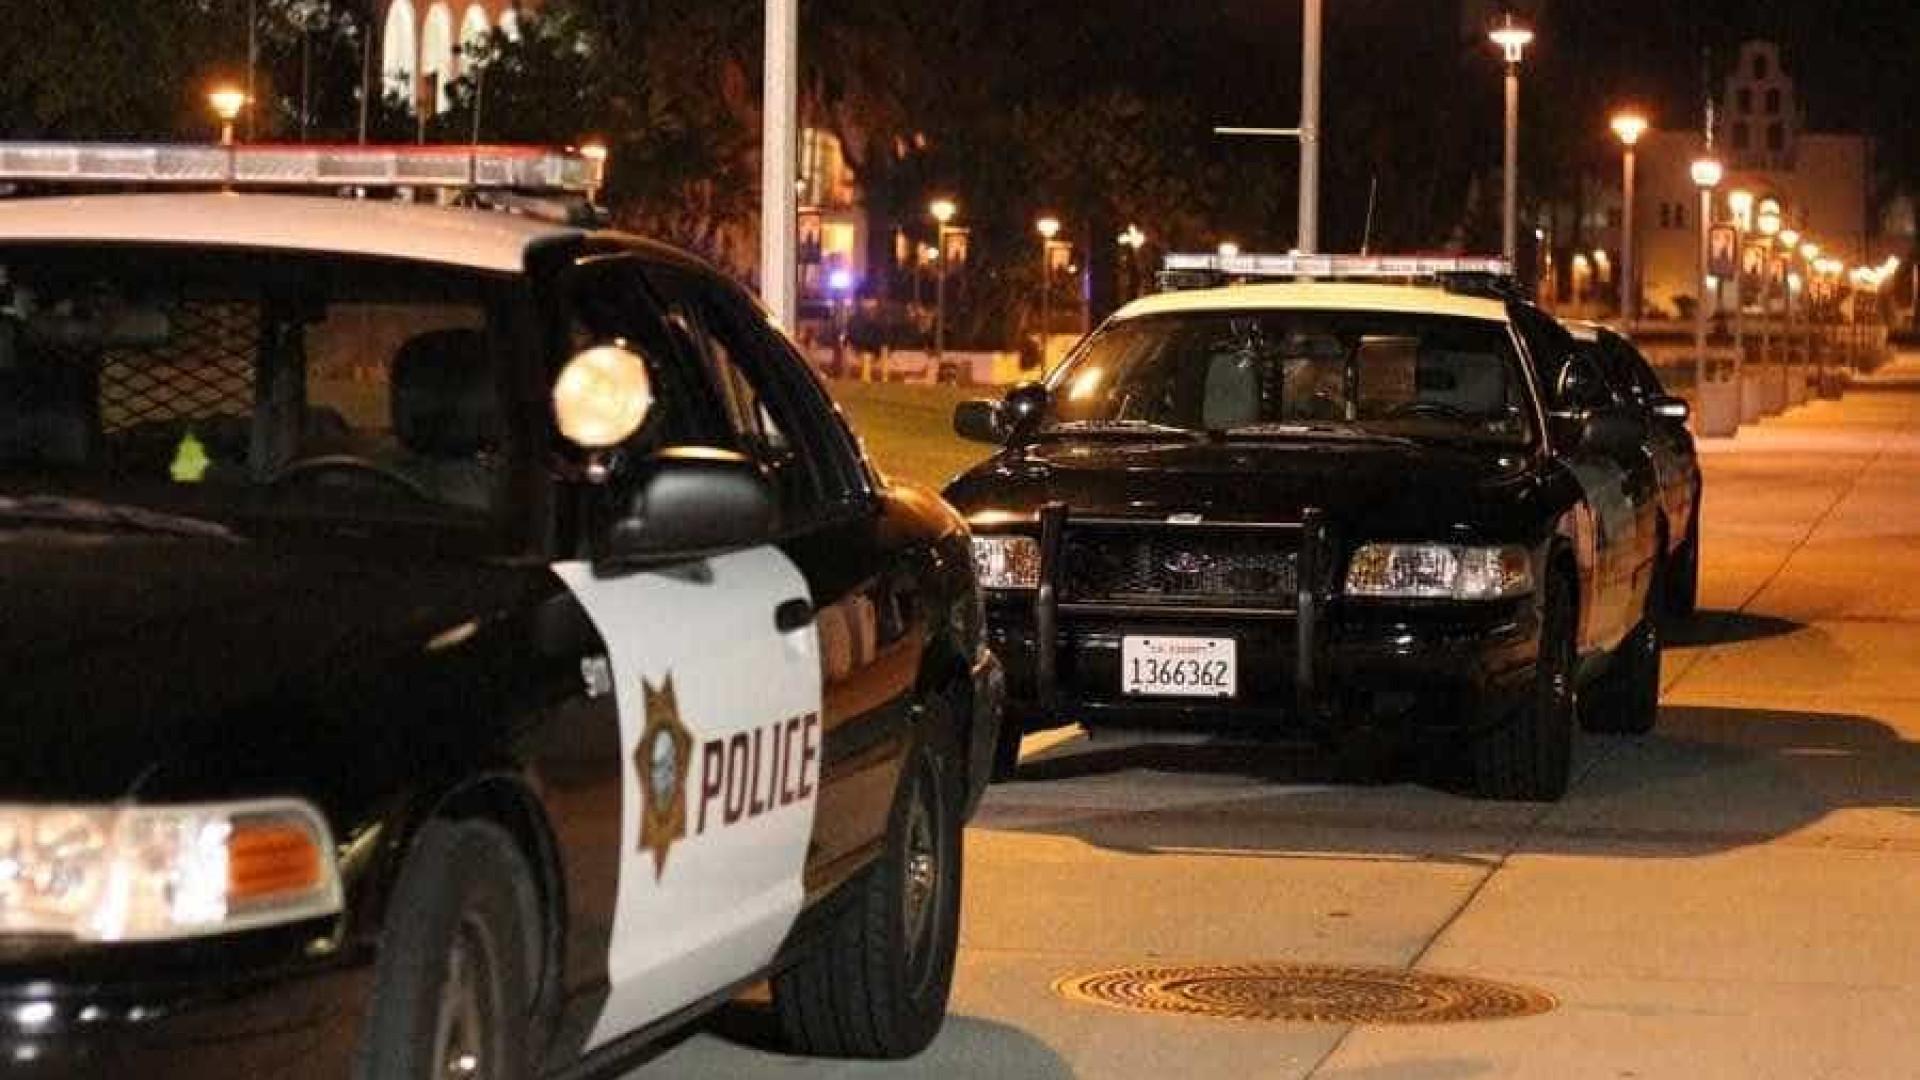 EUA: Três estudantes mortos em tiroteio em escola, incluindo atirador